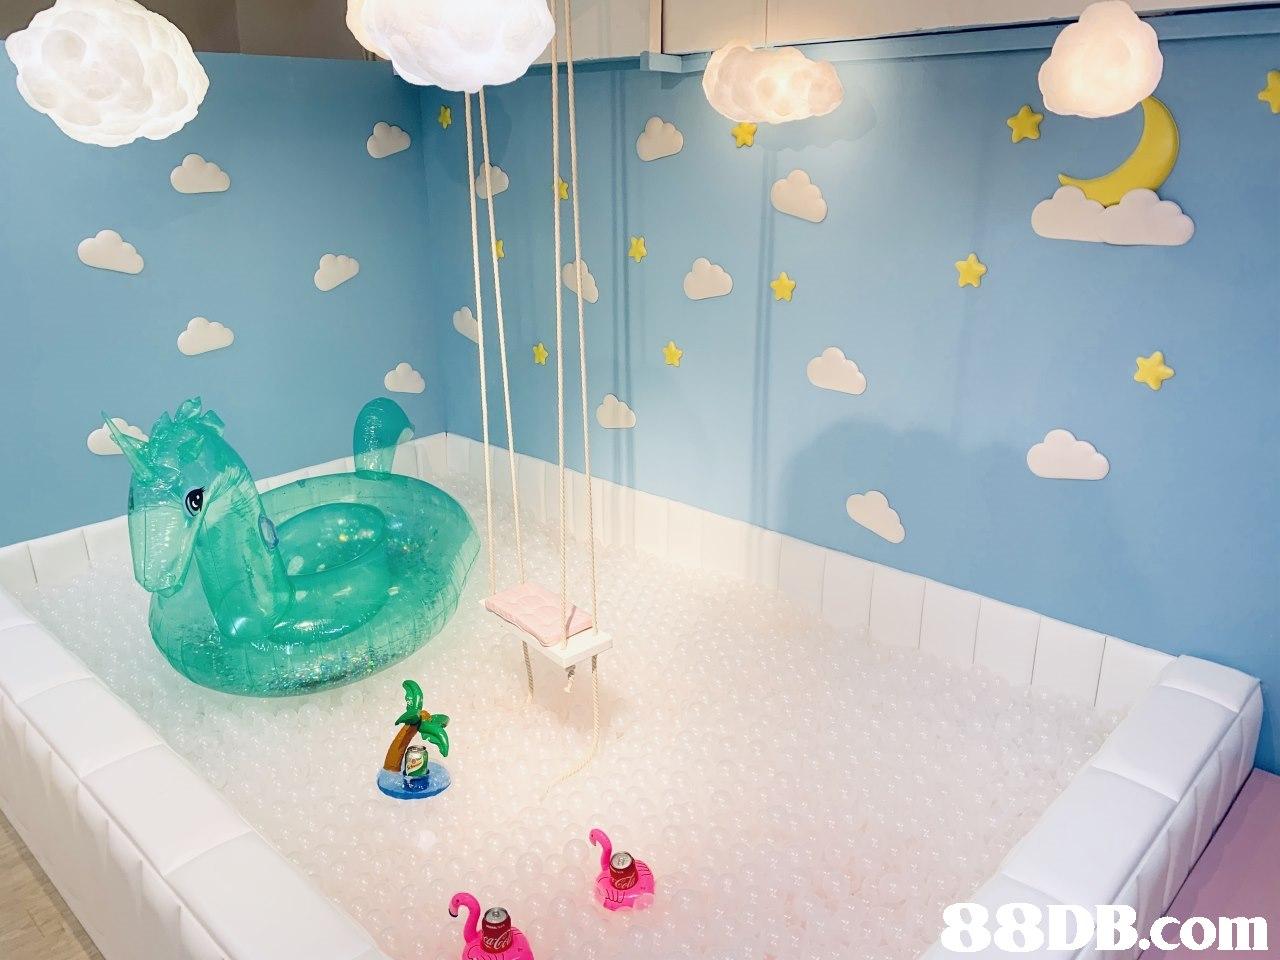 Product,Room,Ceiling,Bathroom,Interior design